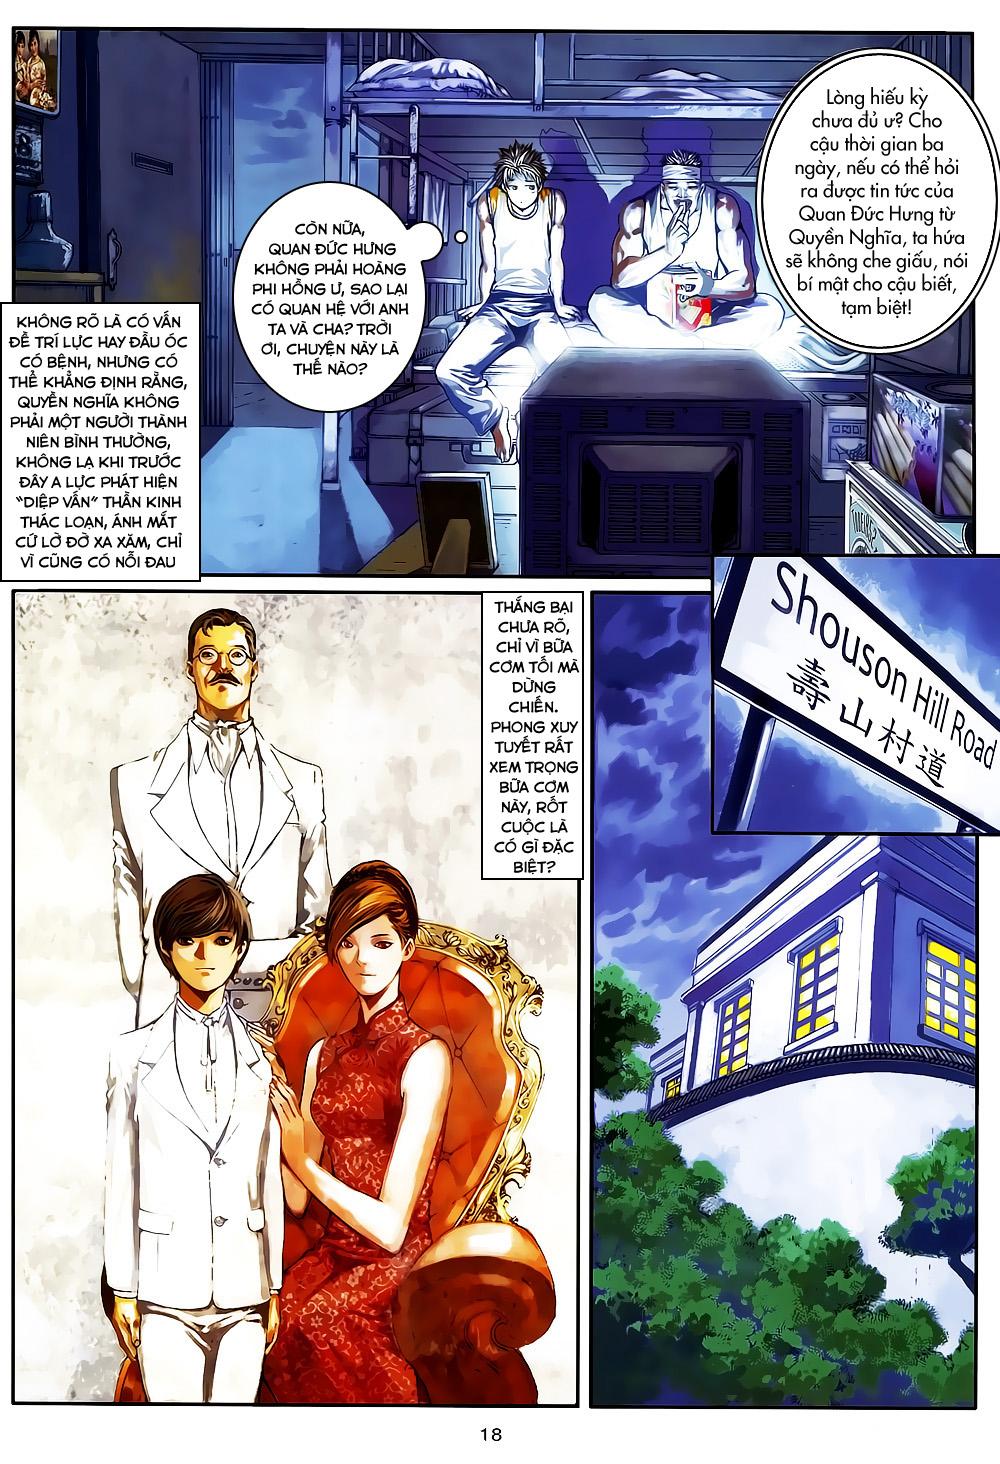 Quyền Đạo chapter 5 trang 18